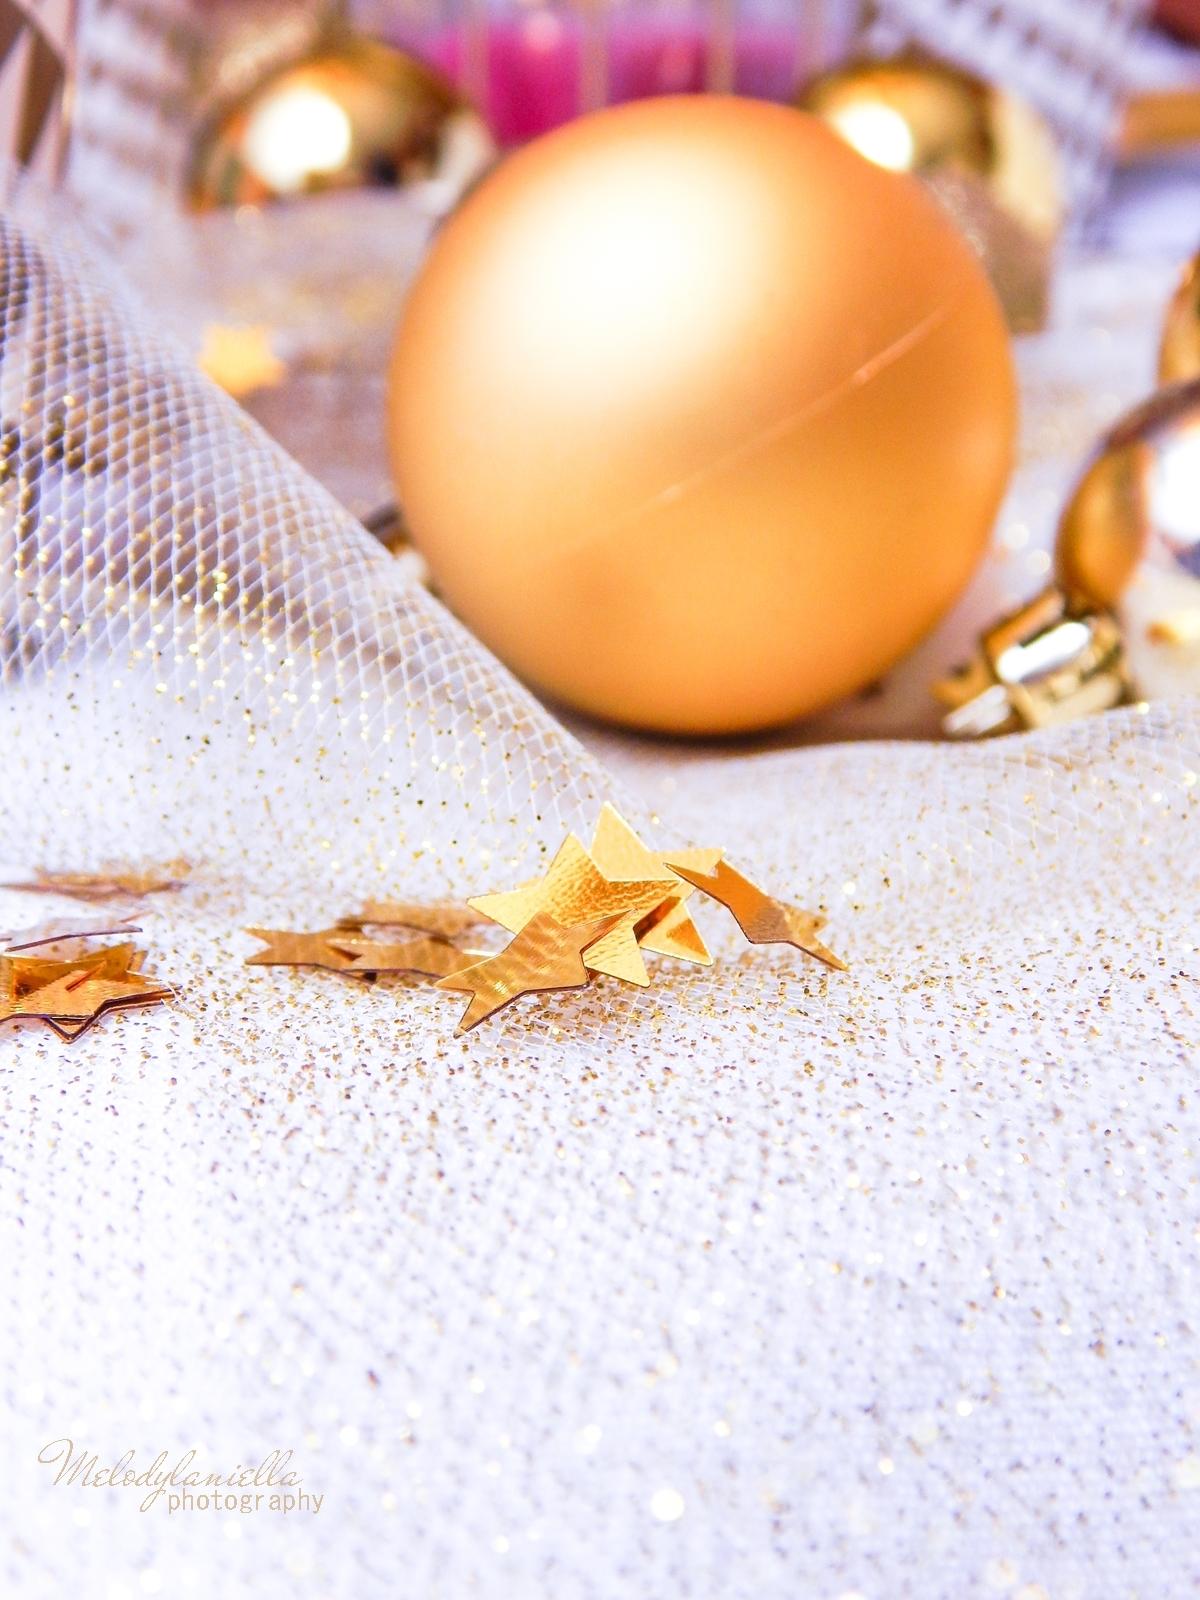 16 confetti partybox wstązki do dekoracji melodylaniella imprezowy stół złote dodatki do mieszkania do domu